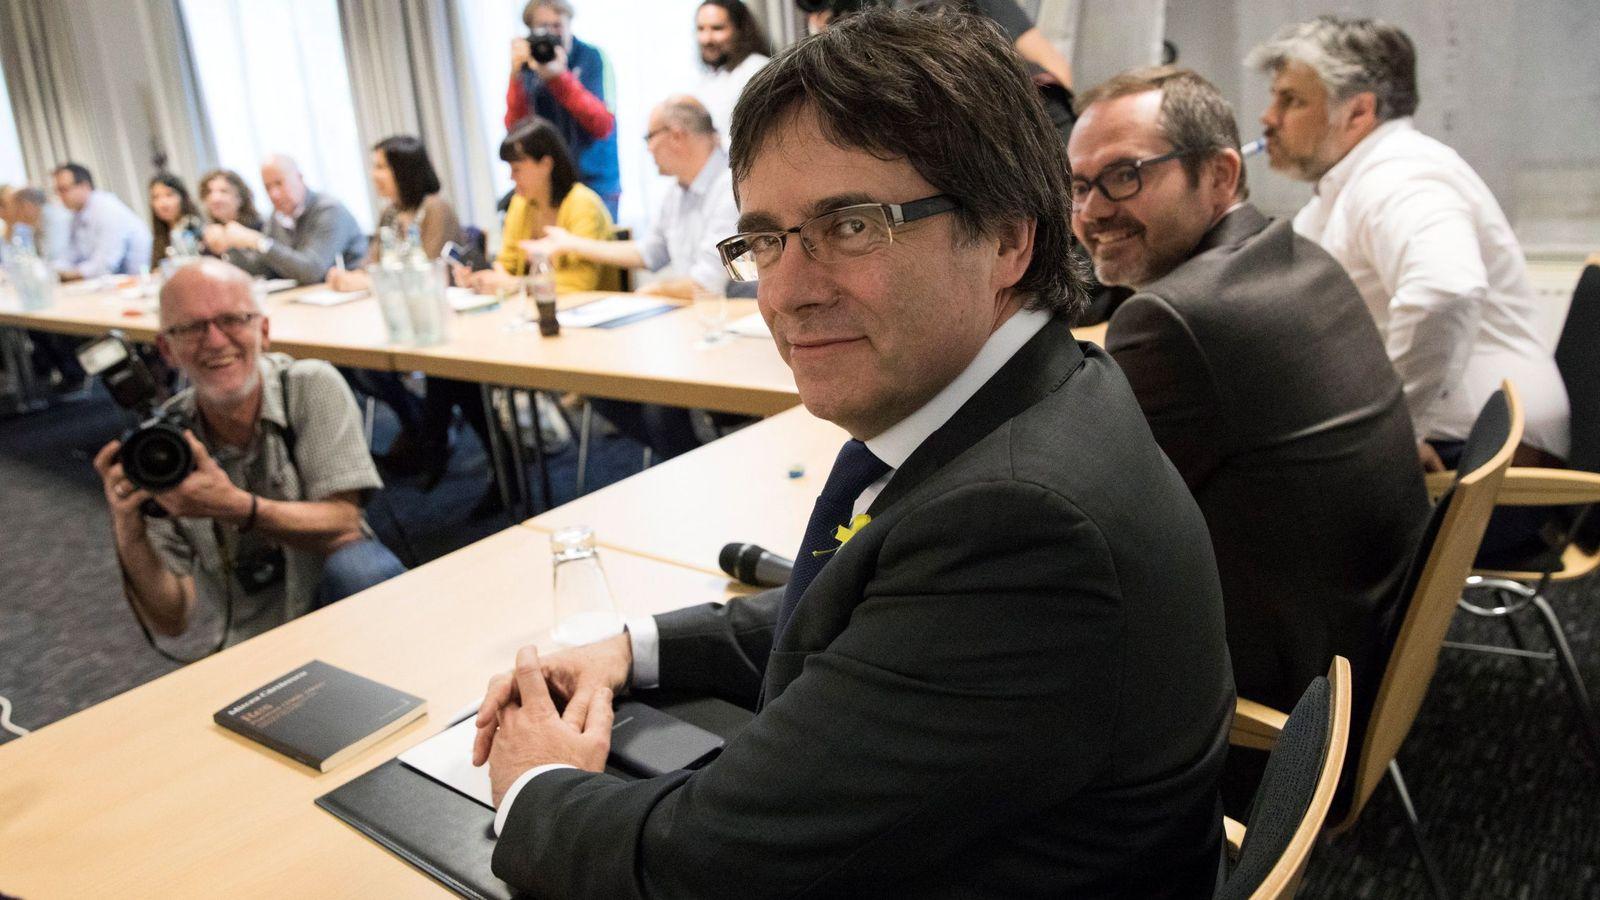 Foto: Carles Puigdemont durante una reunión en Berlín con diputados de JxCat, el 5 de mayo de 2018. (EFE)